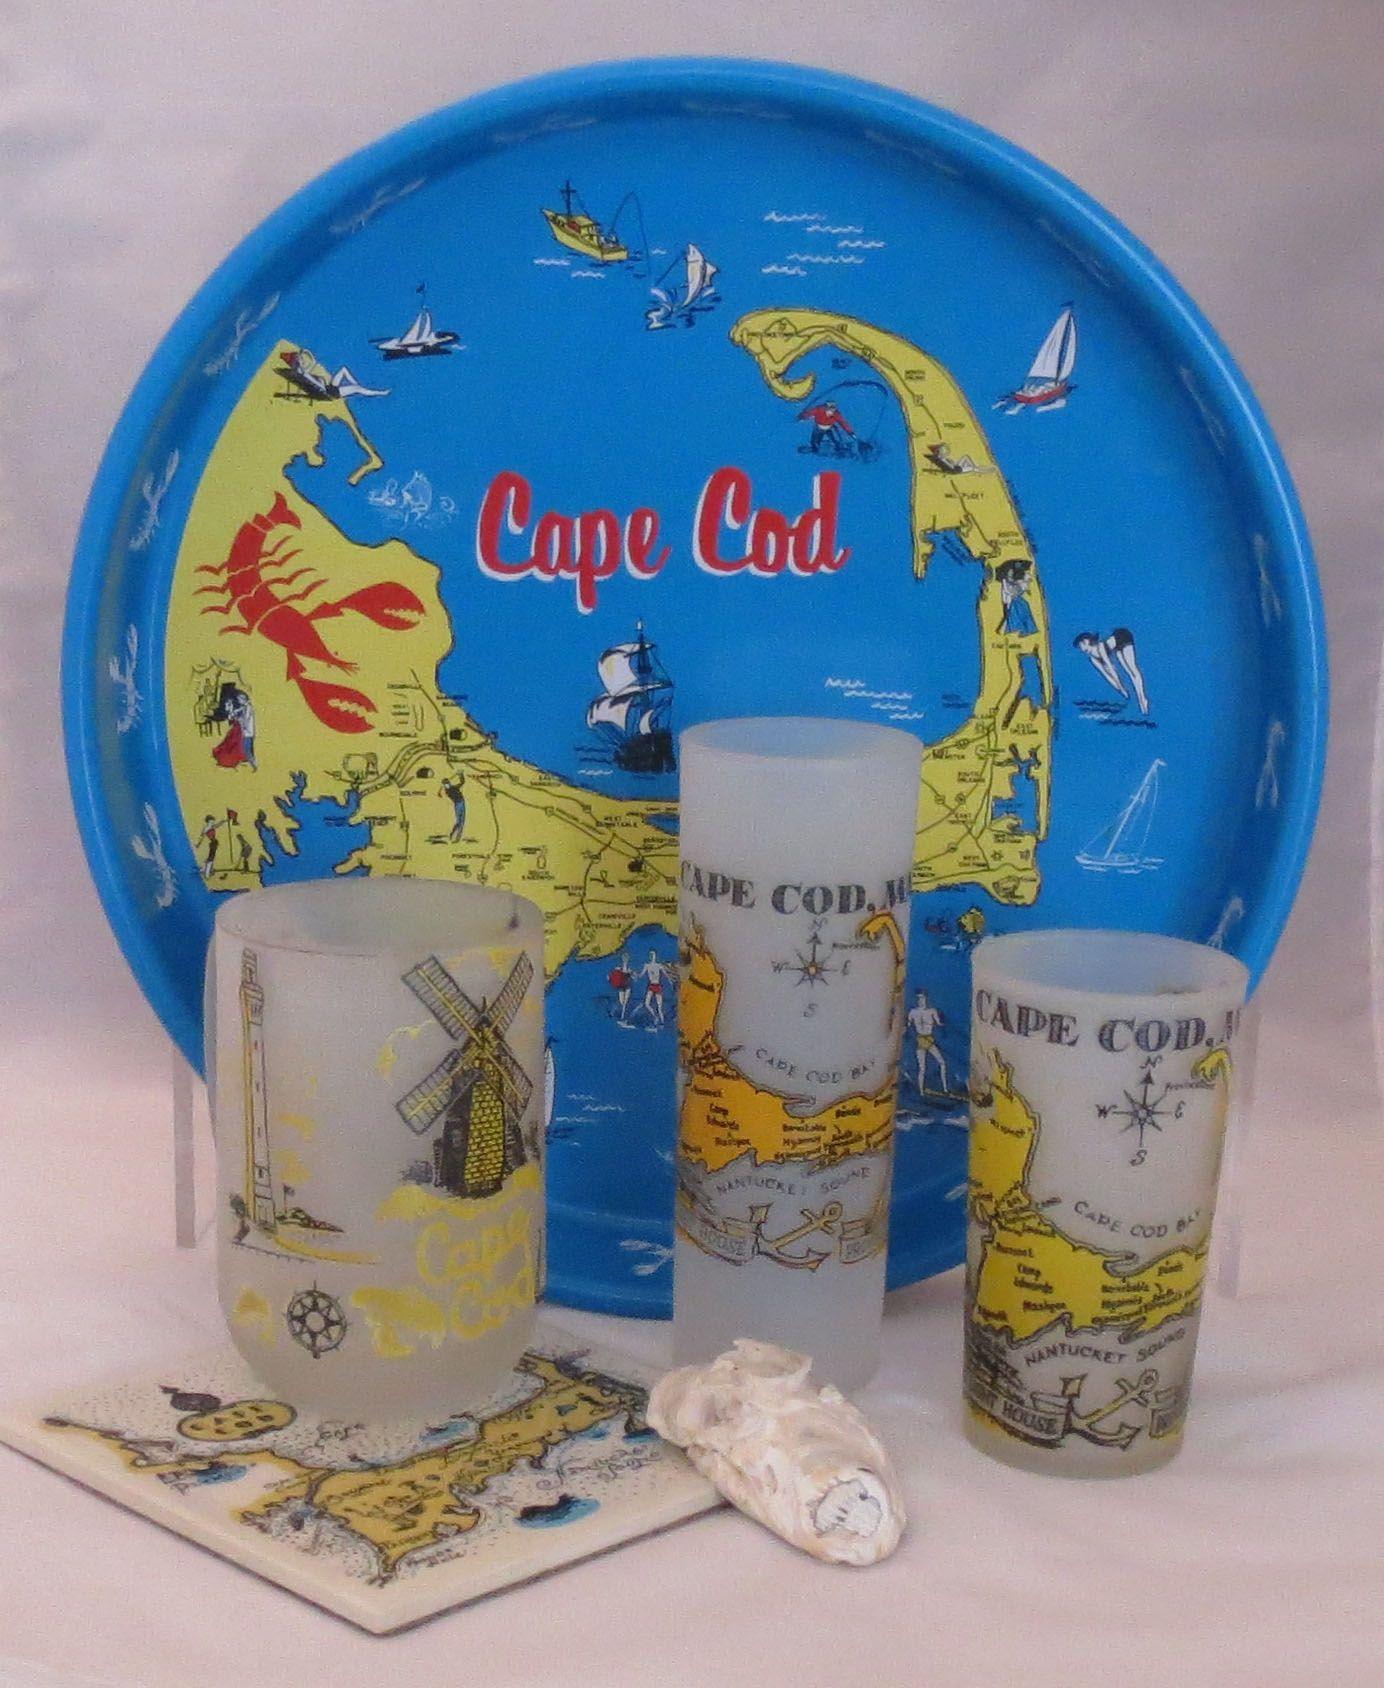 A collection of Cape Cod souvenirs